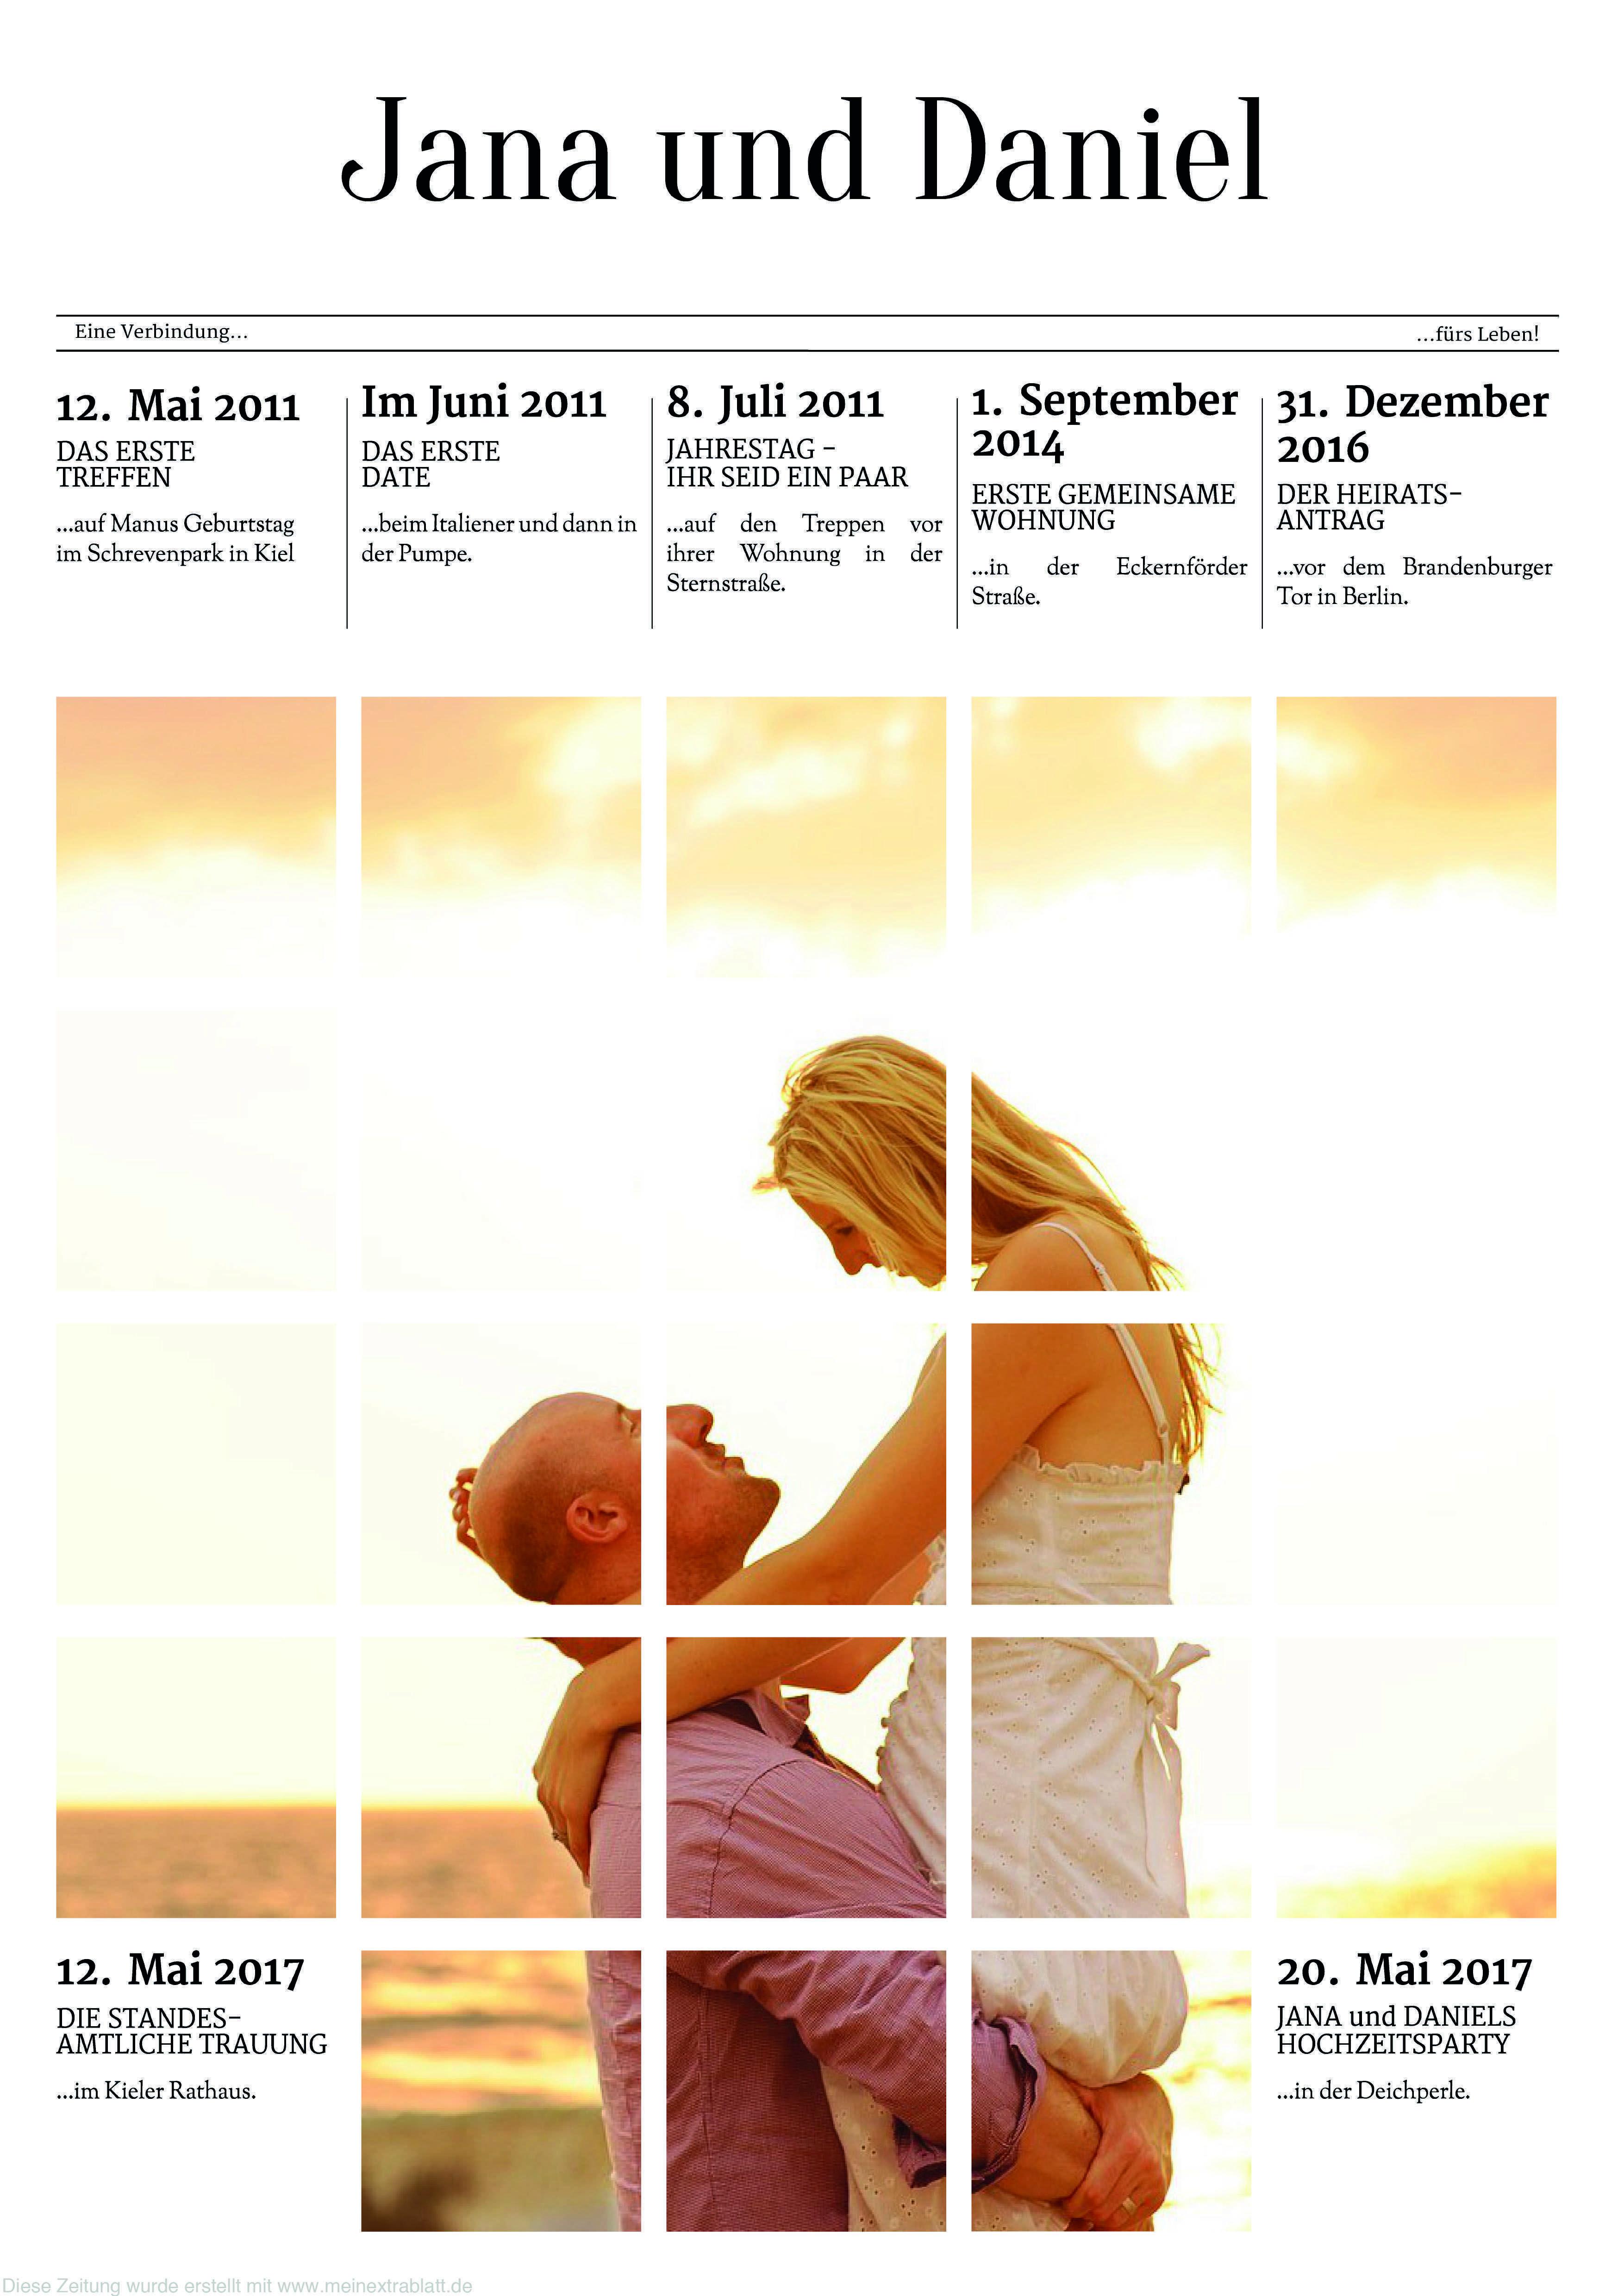 Mal Eine Etwas Andere Titelseite Einer Hochzeitszeitung Gestaltet Auf Www Meinextrablatt De Hochzeitszei Hochzeitszeitung Hochzeitszeitung Gestalten Hochzeit